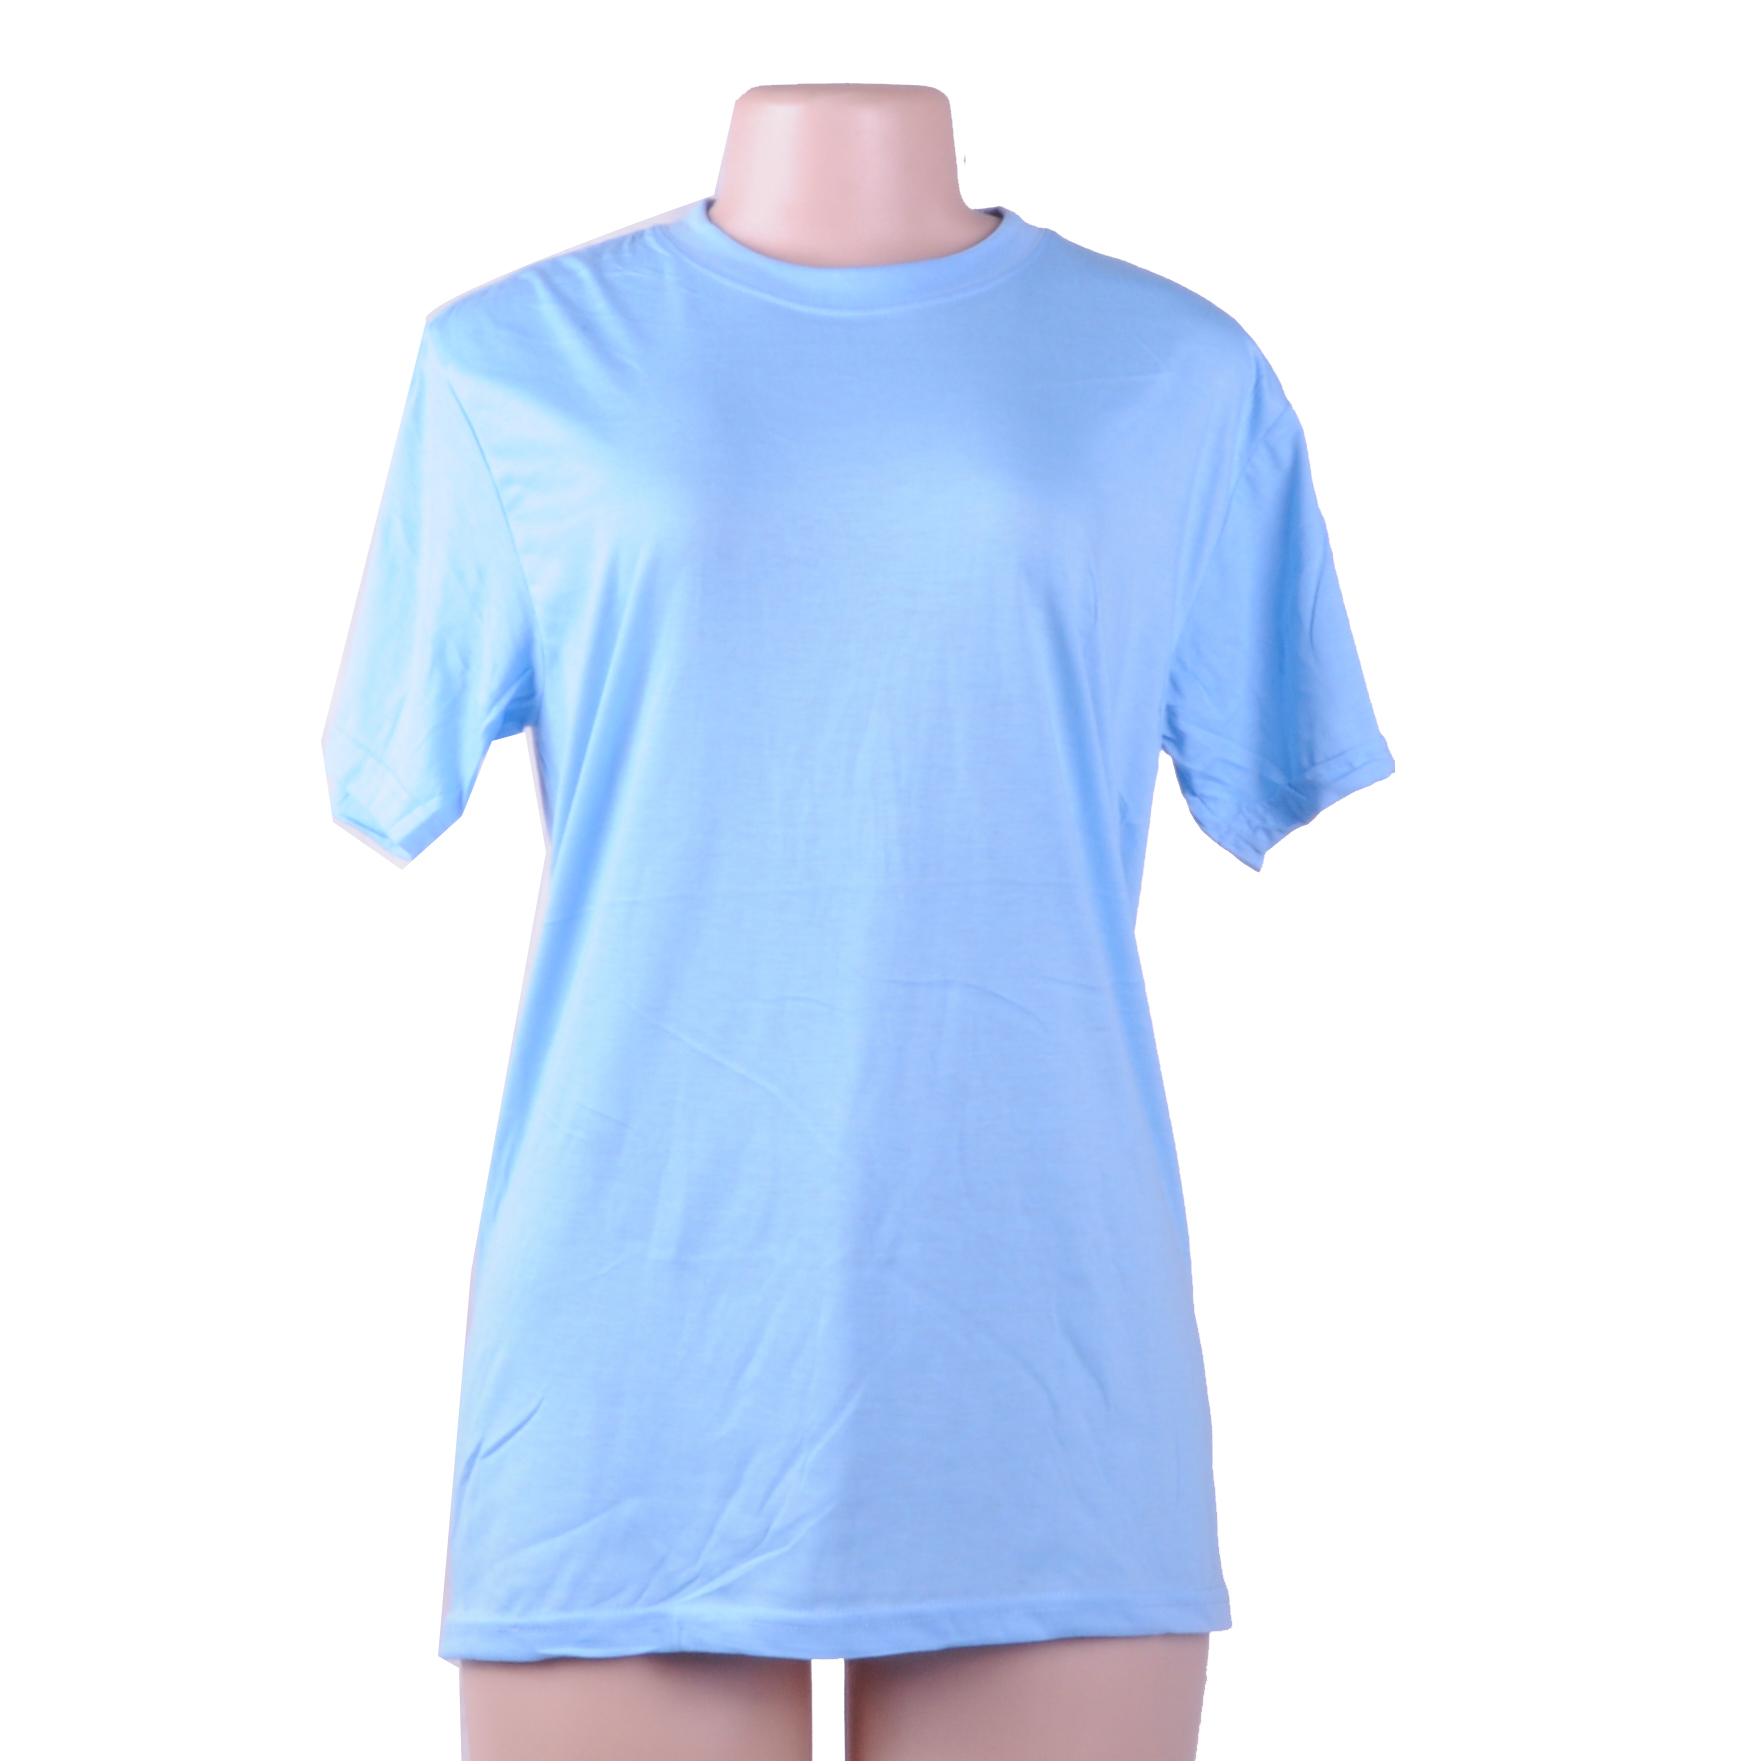 women 39 s regular t shirt sku tc1601146w bulkdeal